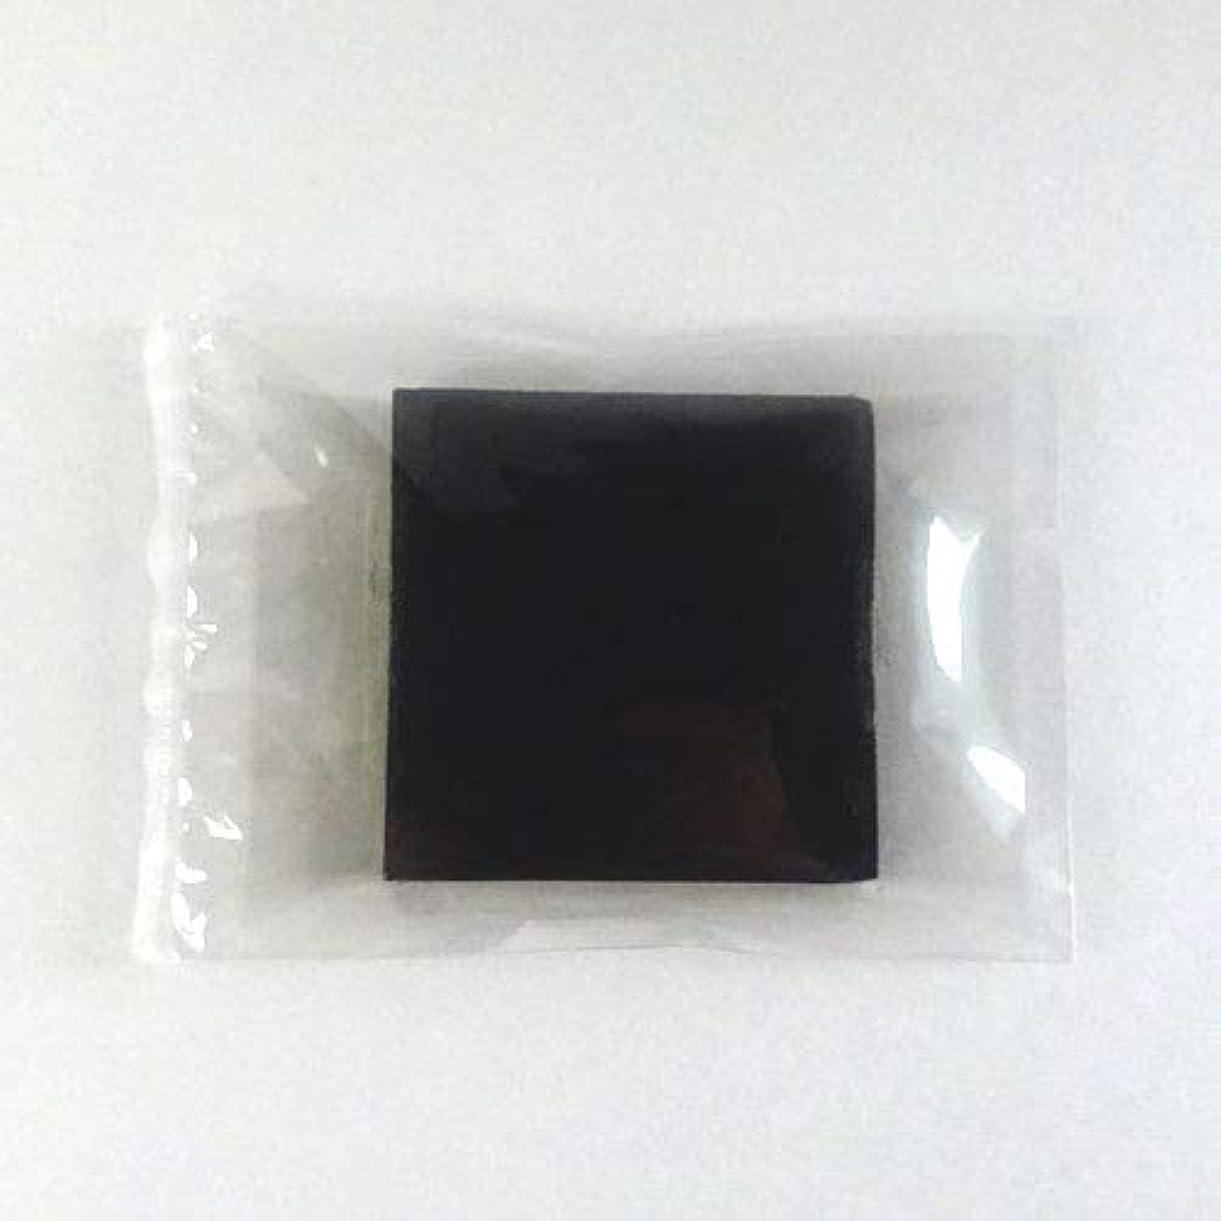 投資する無線相談するグリセリンソープ MPソープ 色チッププ 黒(ブラック) 60g (30g x 2pc)